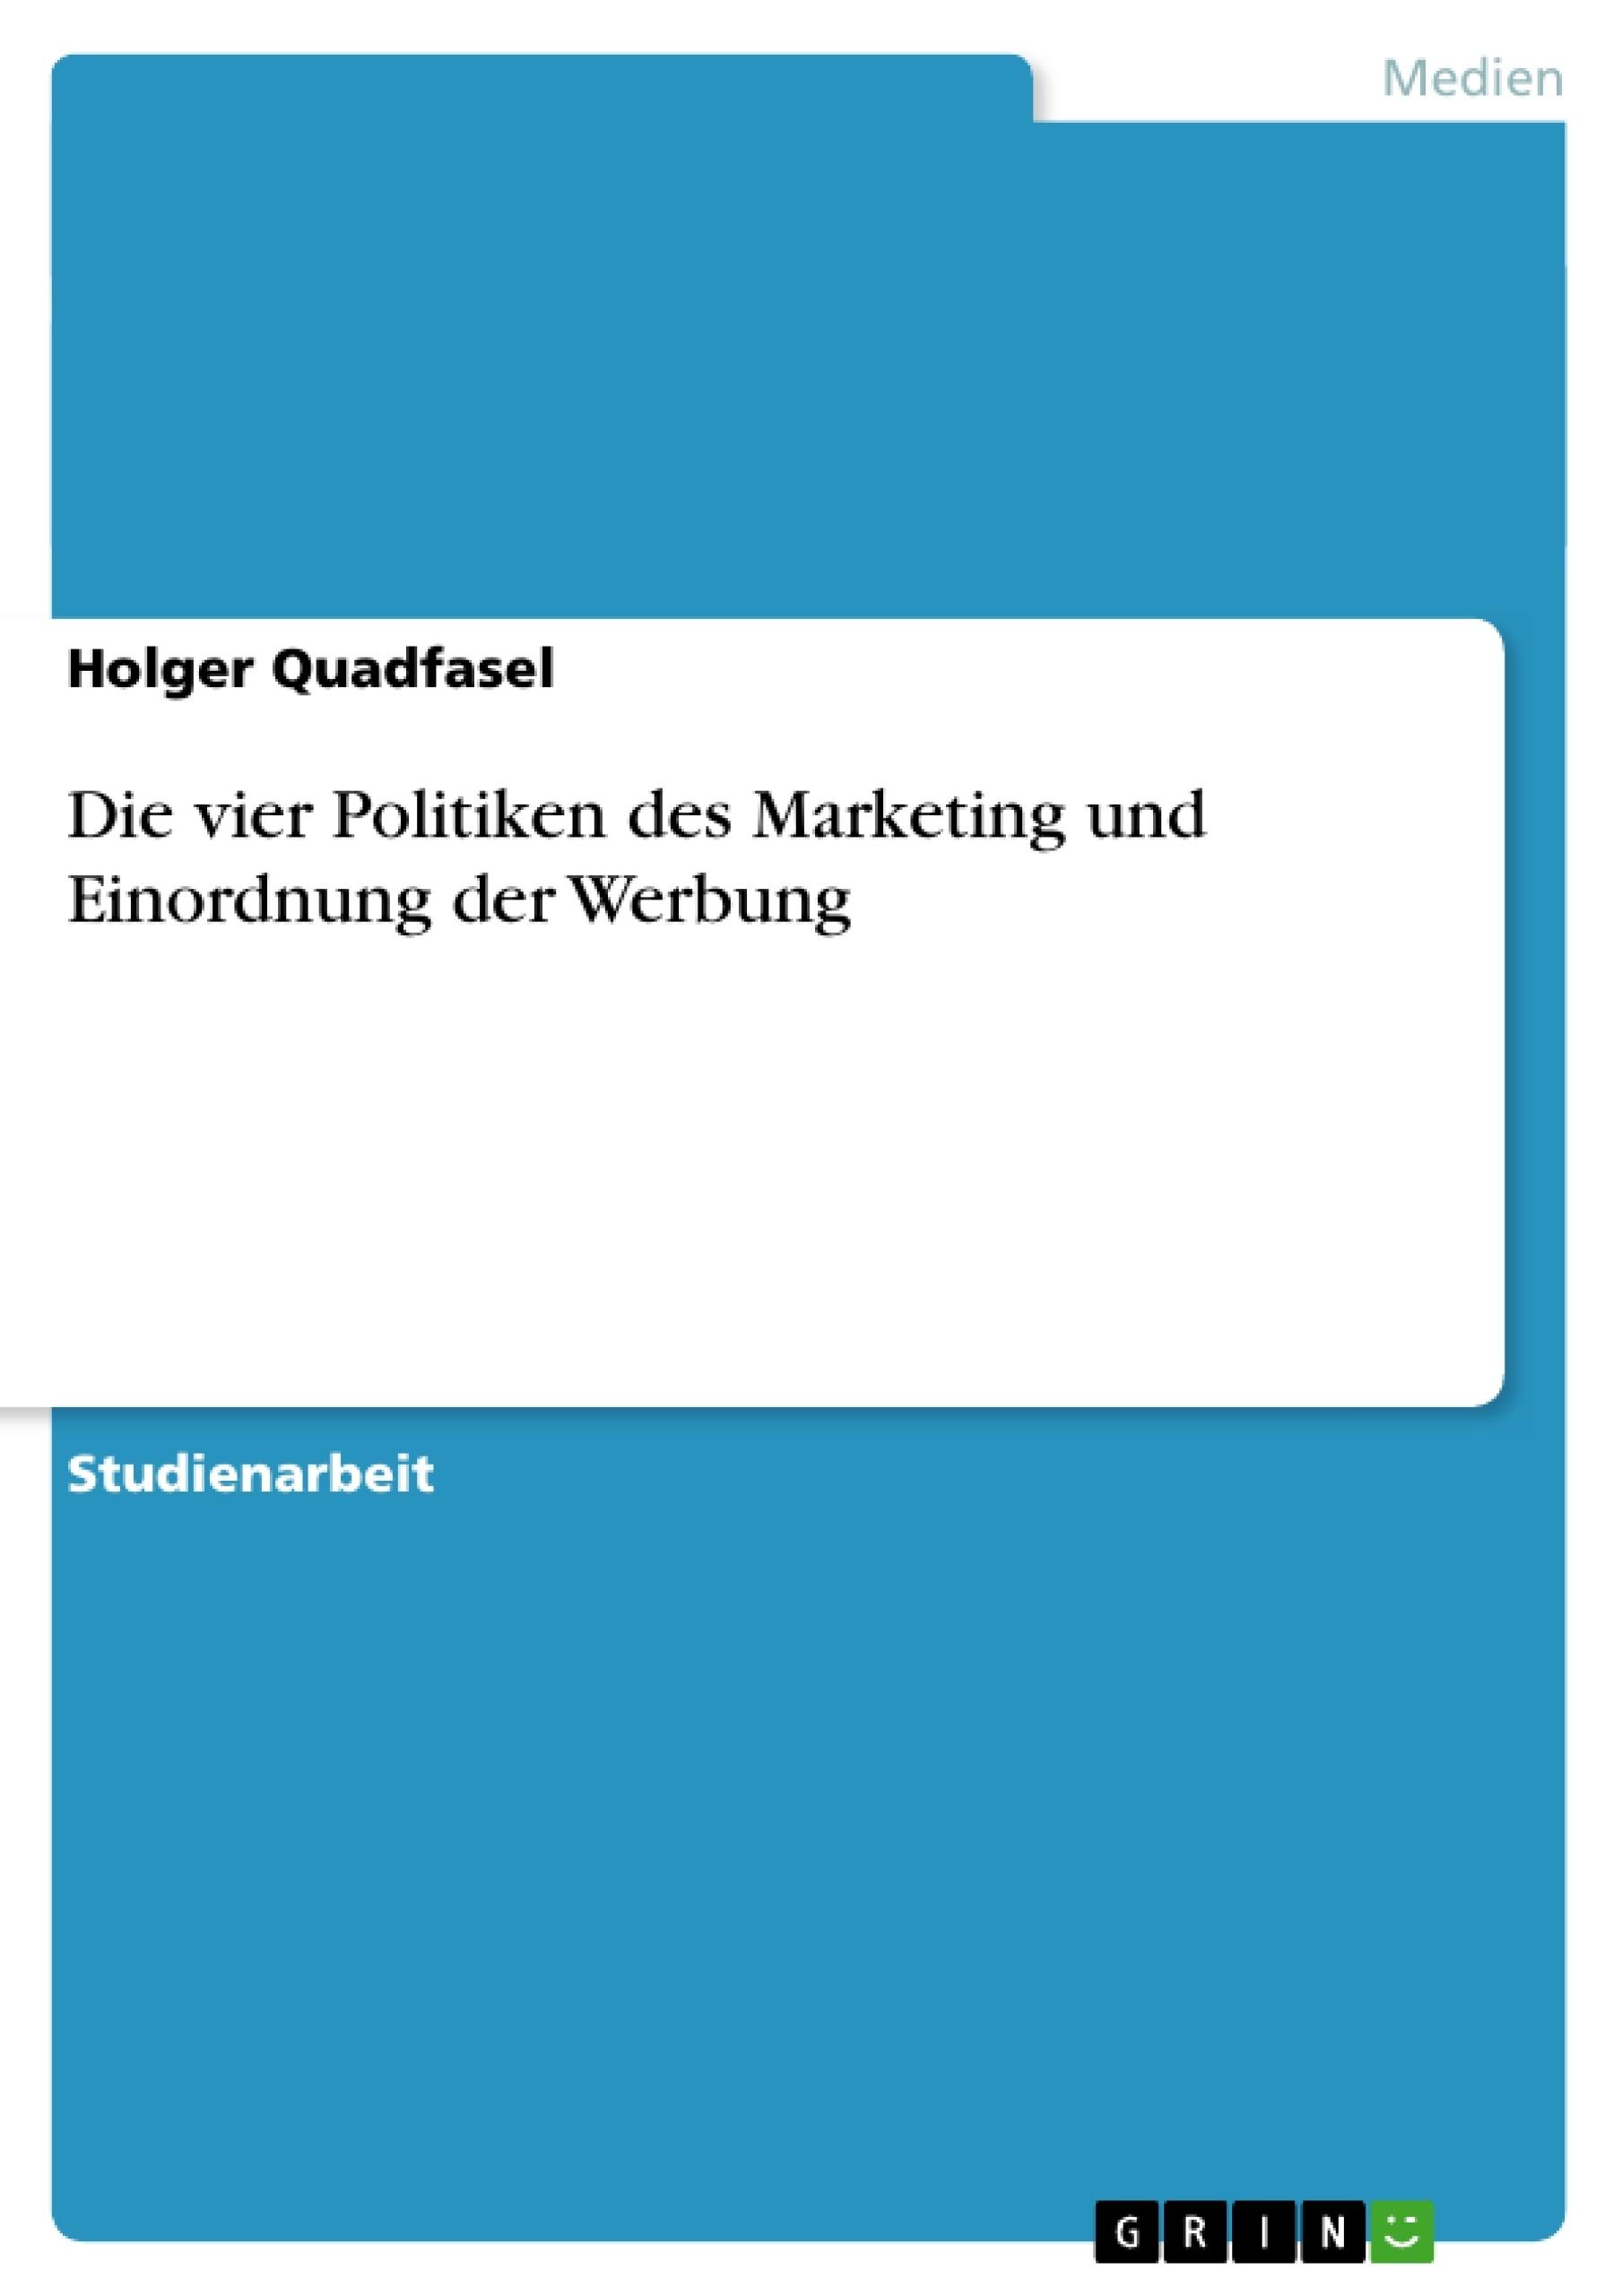 Titel: Die vier Politiken des Marketing und Einordnung der Werbung